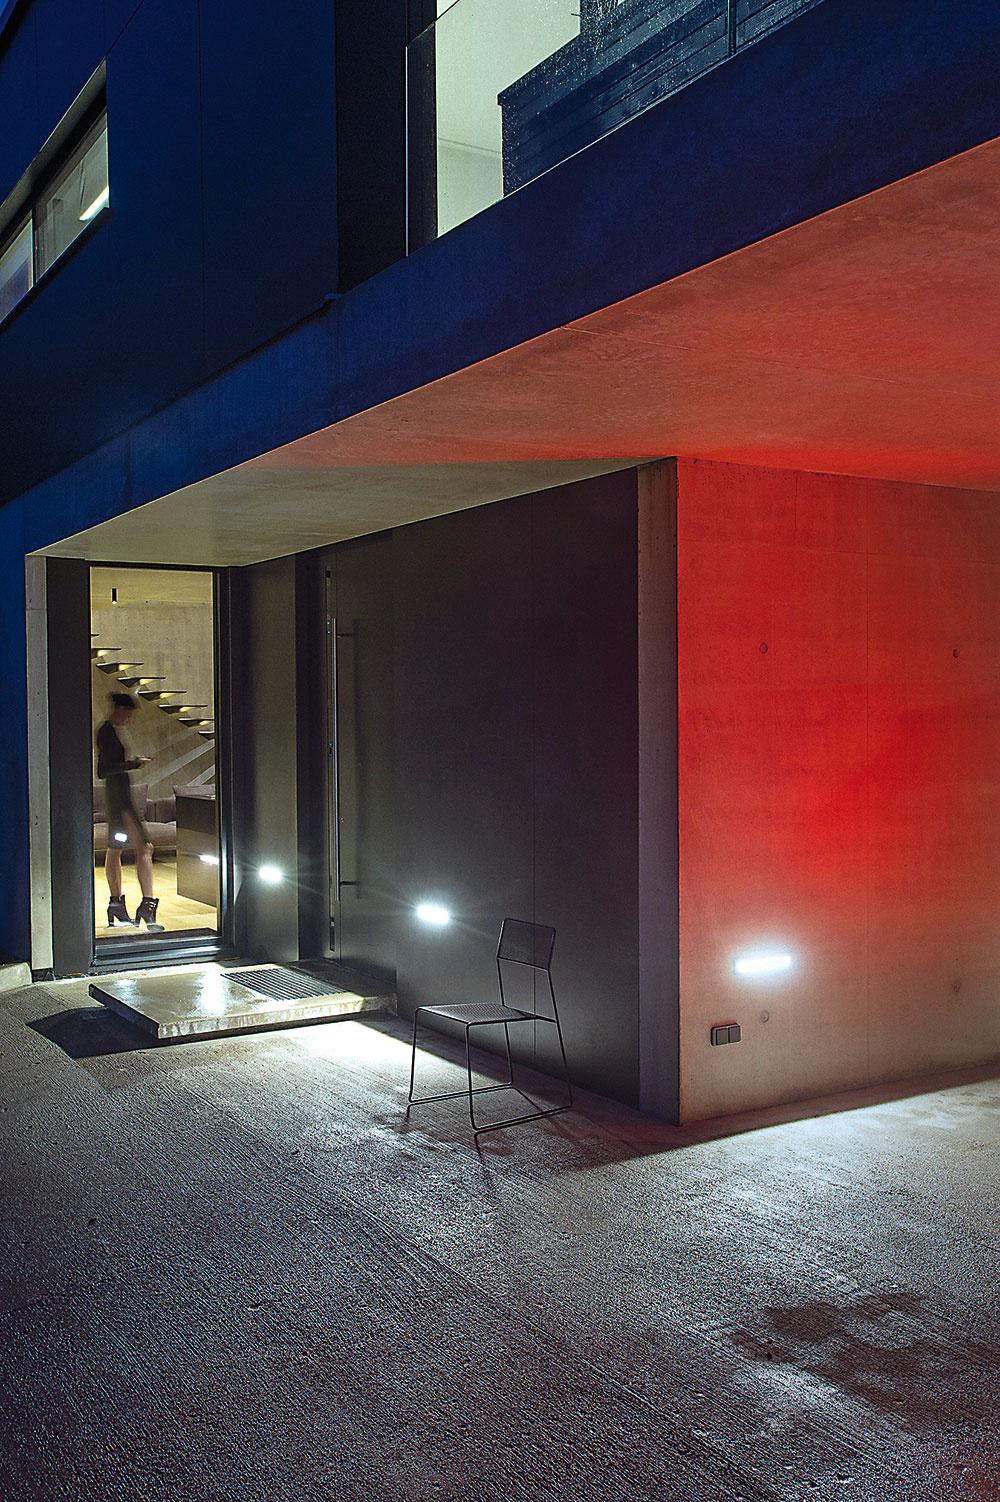 Spojenie betónu askla umožňuje estetické azároveň funkčné riešenia pri vytváraní súkromia aj rôznorodých interakcií interiéru sexteriérom.